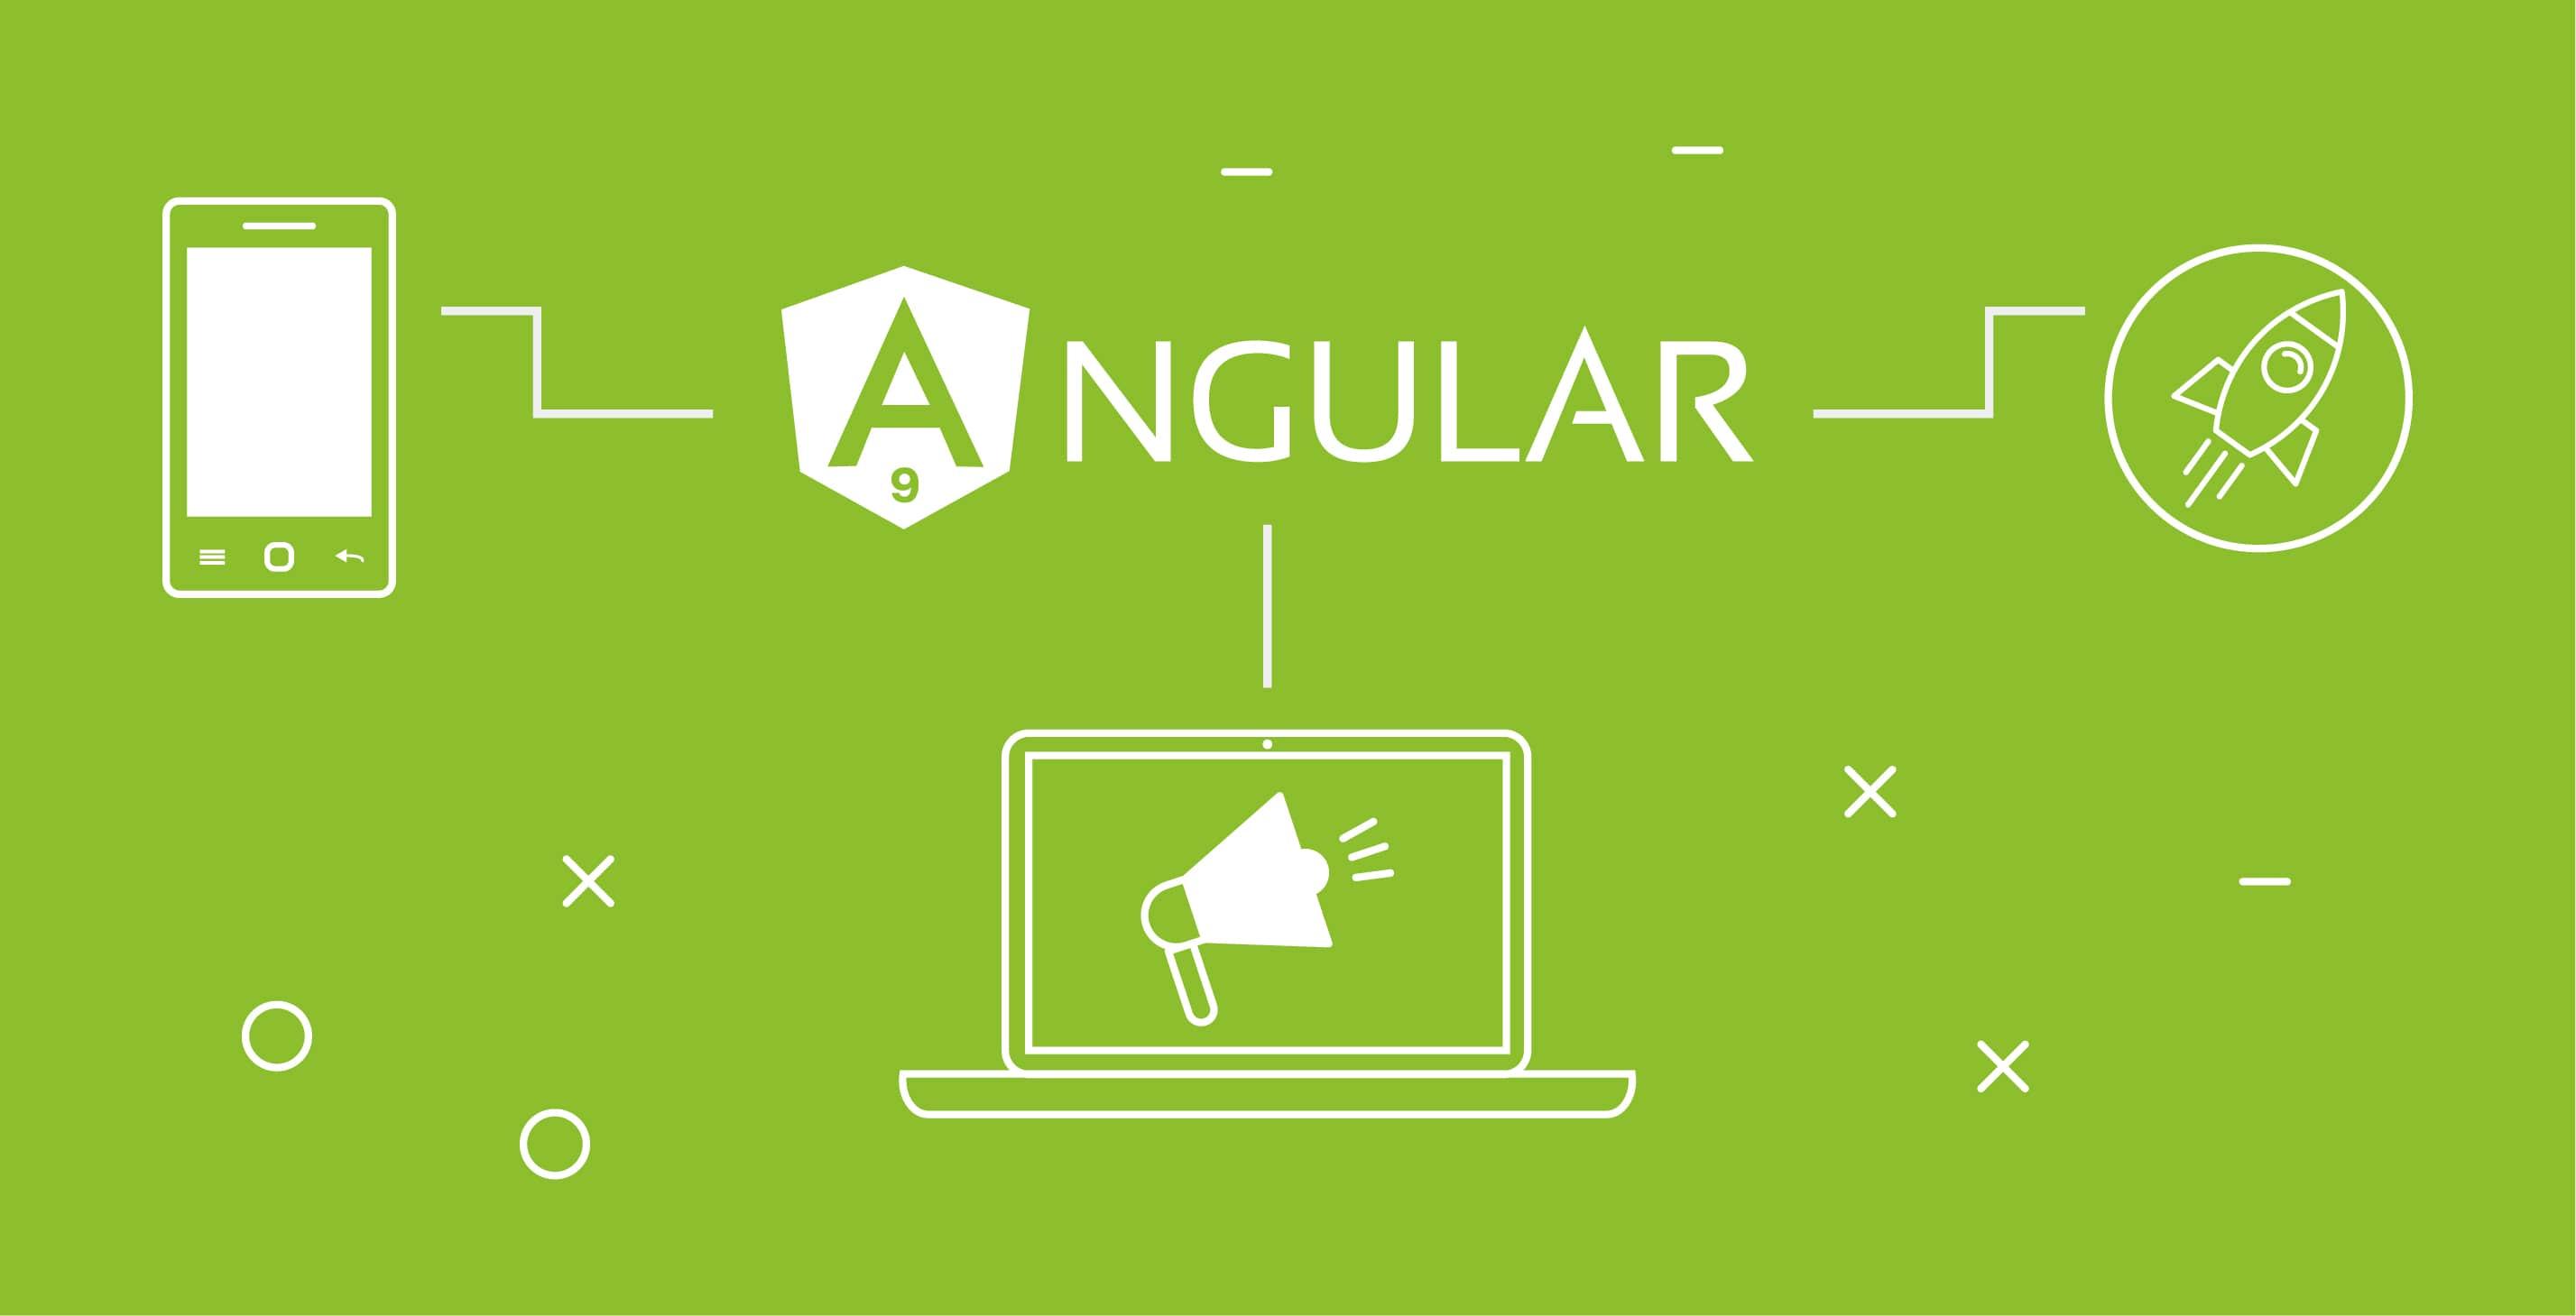 le novità di angular 9